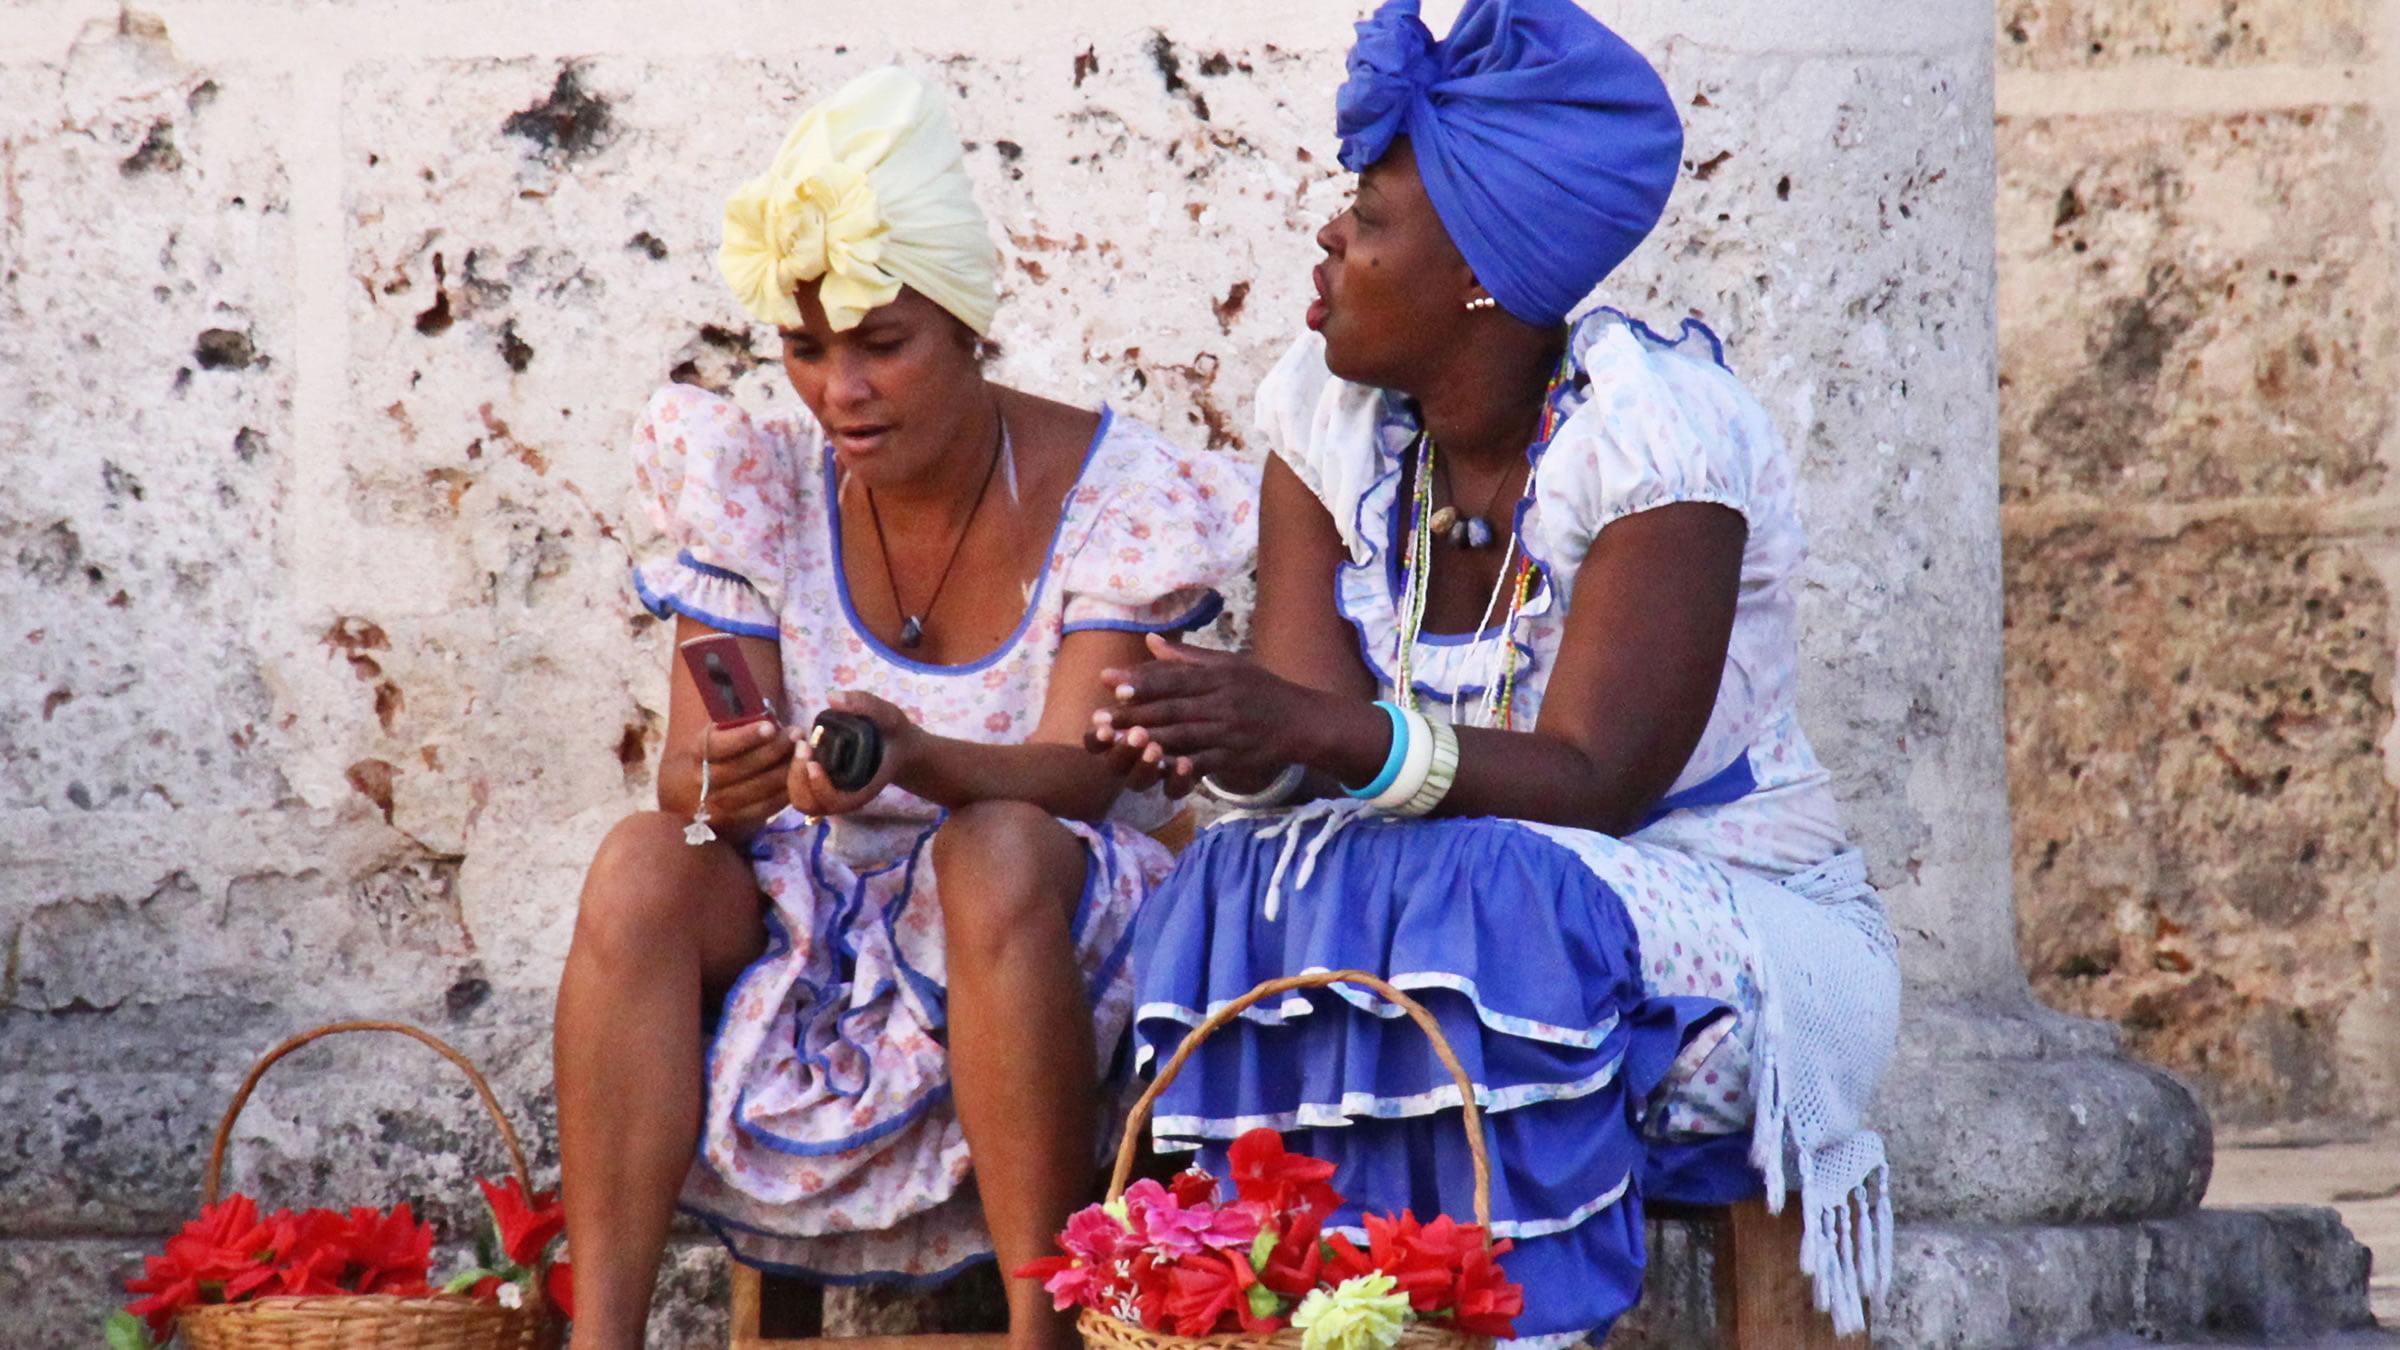 Sanlúcar la mayor online dating